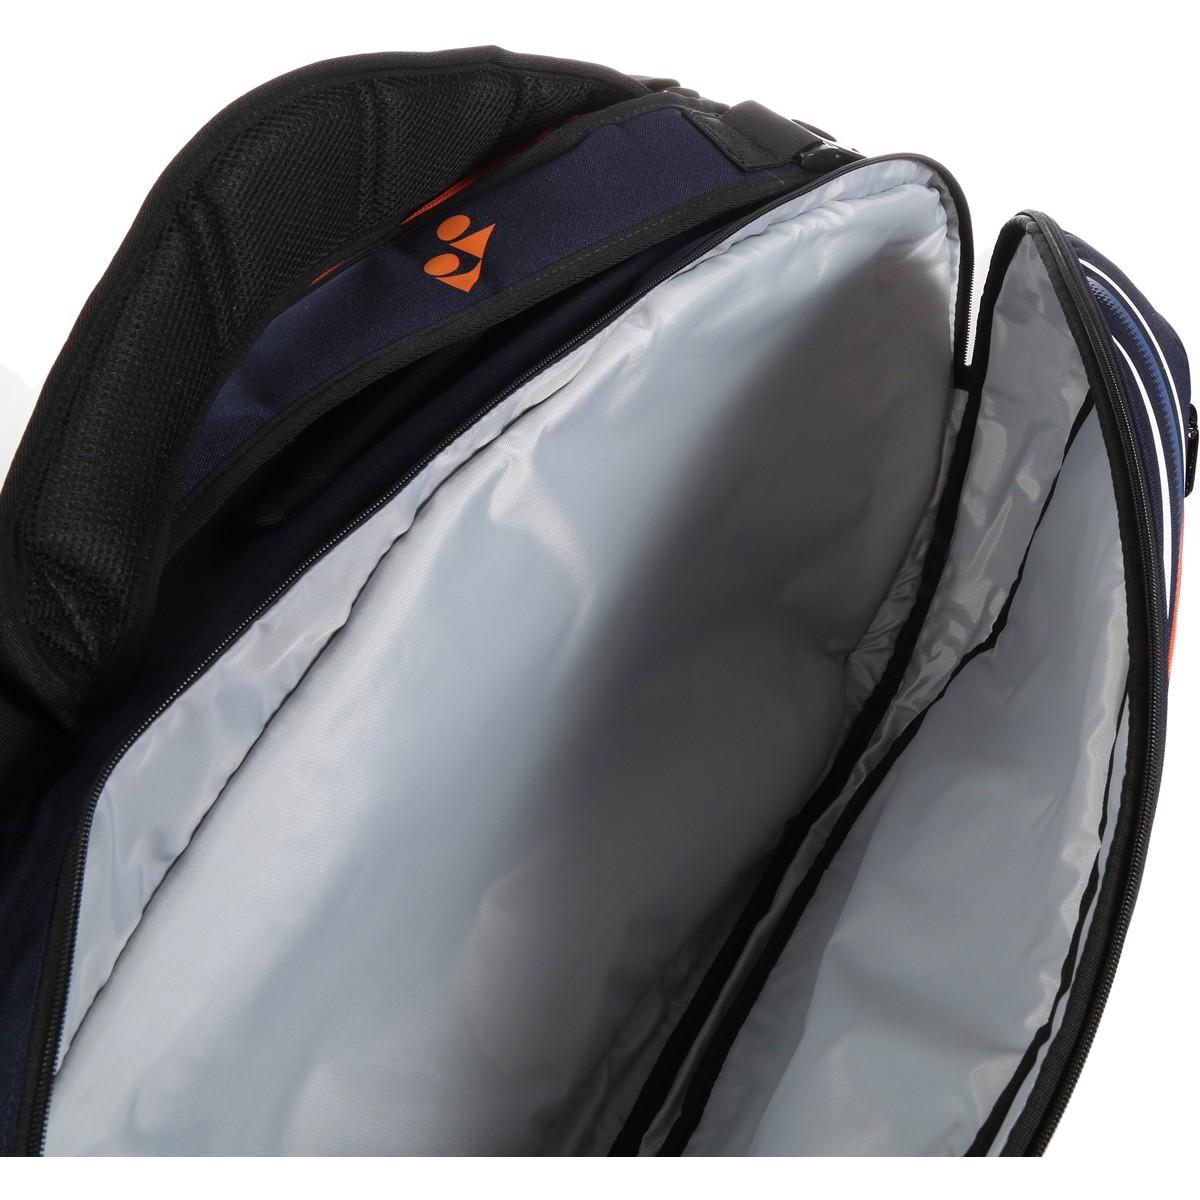 YONEX 92026 Pro 6 Sac pour Raquettes